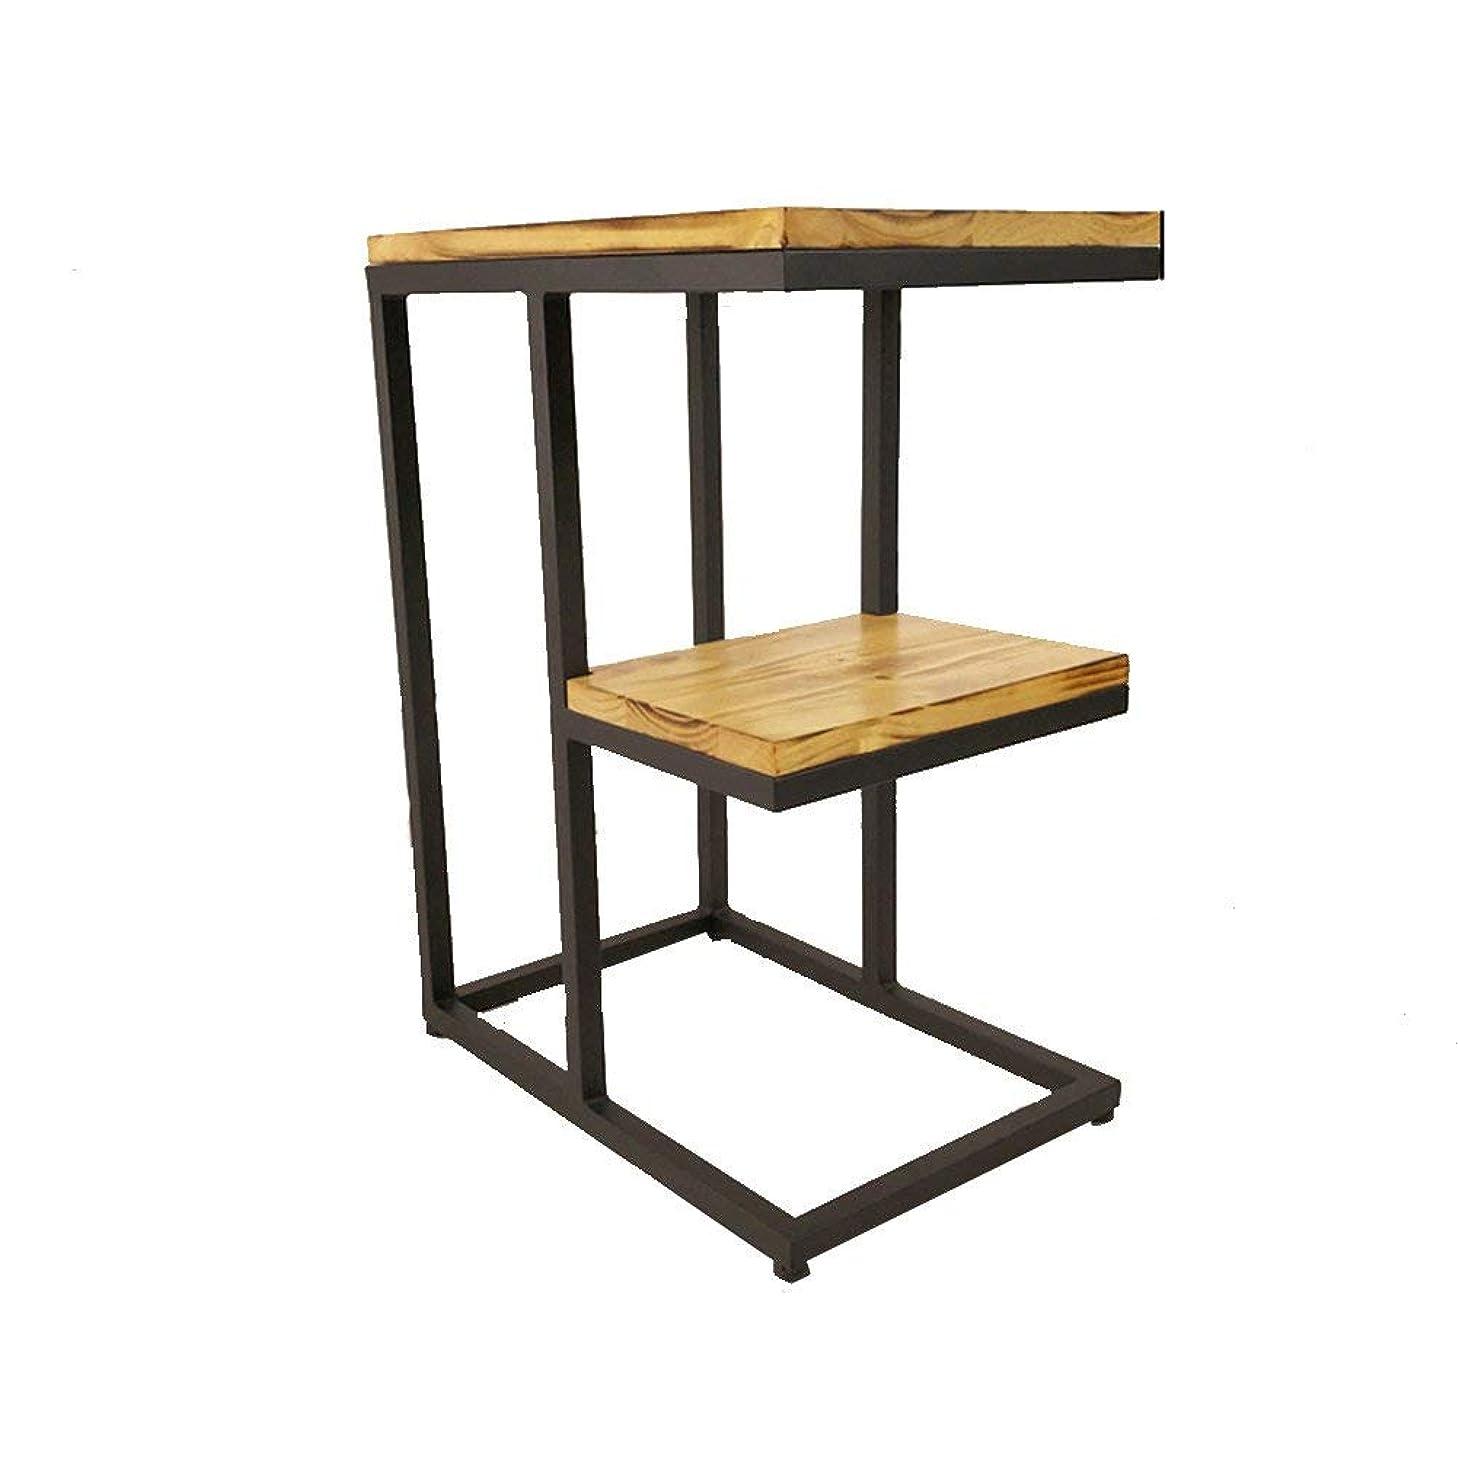 必需品レインコート影のあるコーヒーテーブルソファサイドテーブルベッドサイドテーブルライティングデスクドレッシングテーブルダイニングテーブルソリッドウッド+錬鉄素材45 * 30 * 60センチコーヒーテーブル